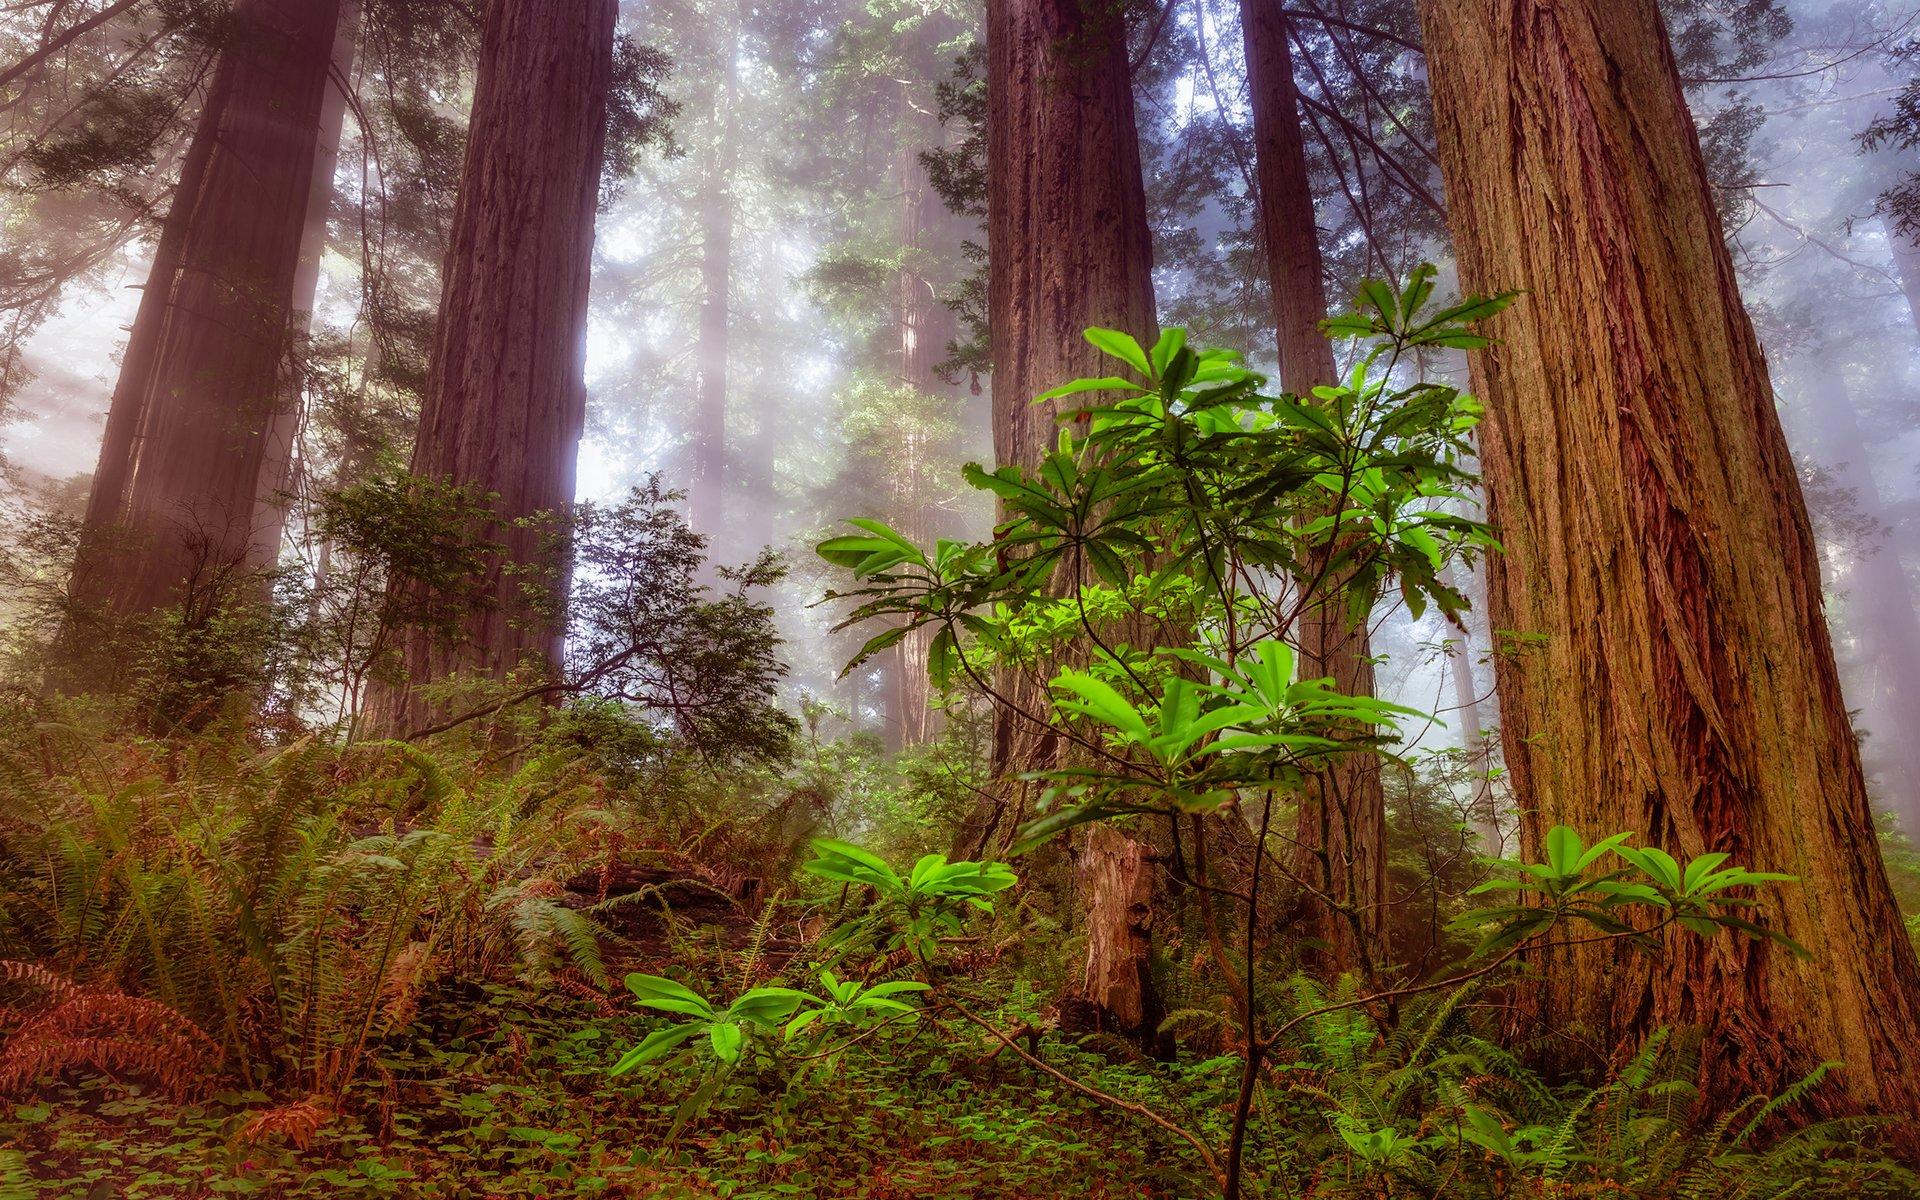 Обои сша, туман, национальный парк редвуд, калифорния. Природа foto 19